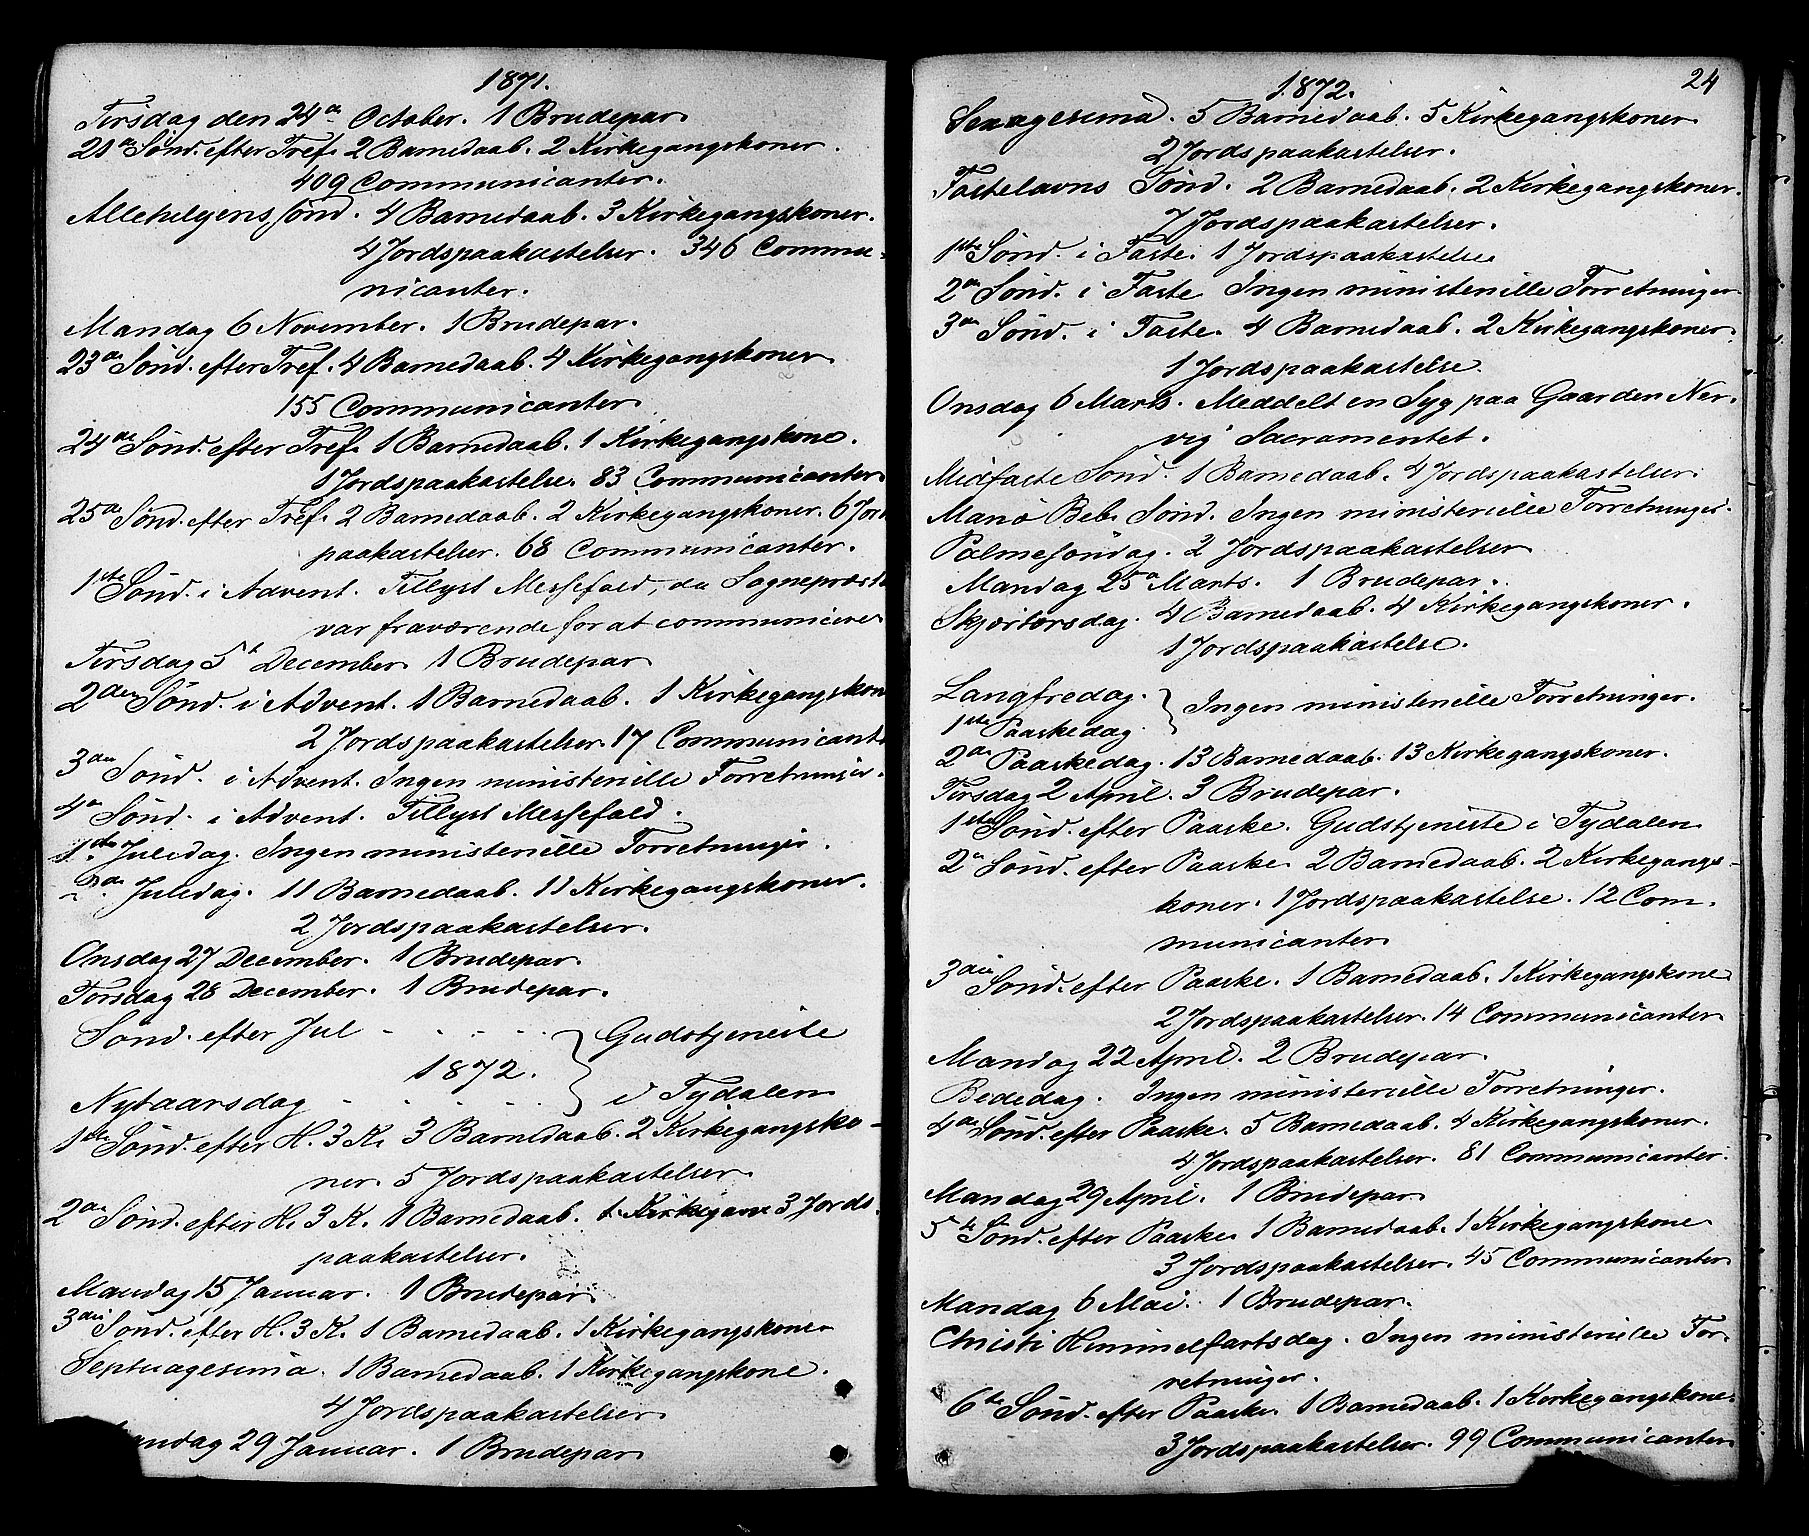 SAT, Ministerialprotokoller, klokkerbøker og fødselsregistre - Sør-Trøndelag, 695/L1147: Ministerialbok nr. 695A07, 1860-1877, s. 24